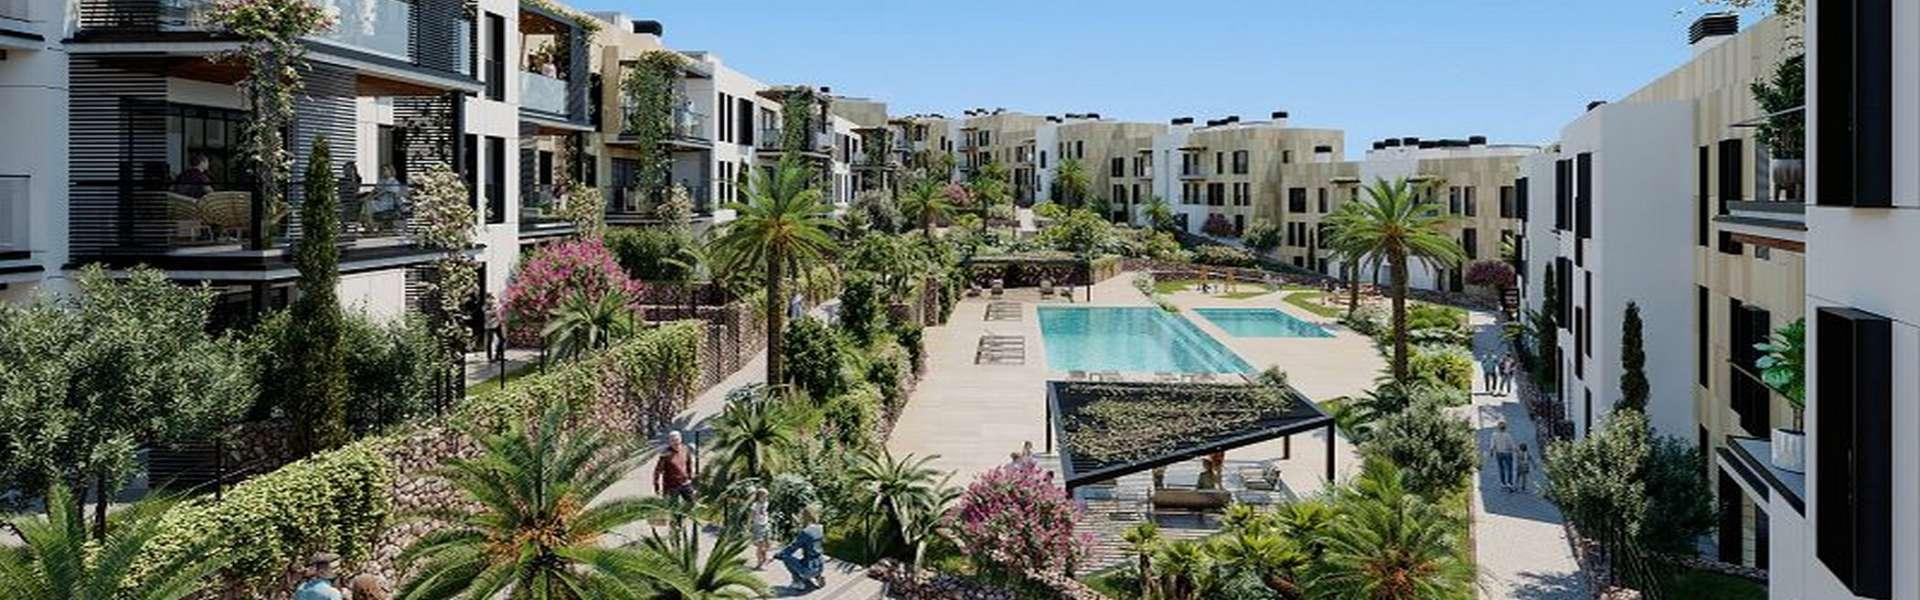 Palma/Campo de Golf Son Quint - Modernos apartamentos/ áticos en una hermosa ubicación